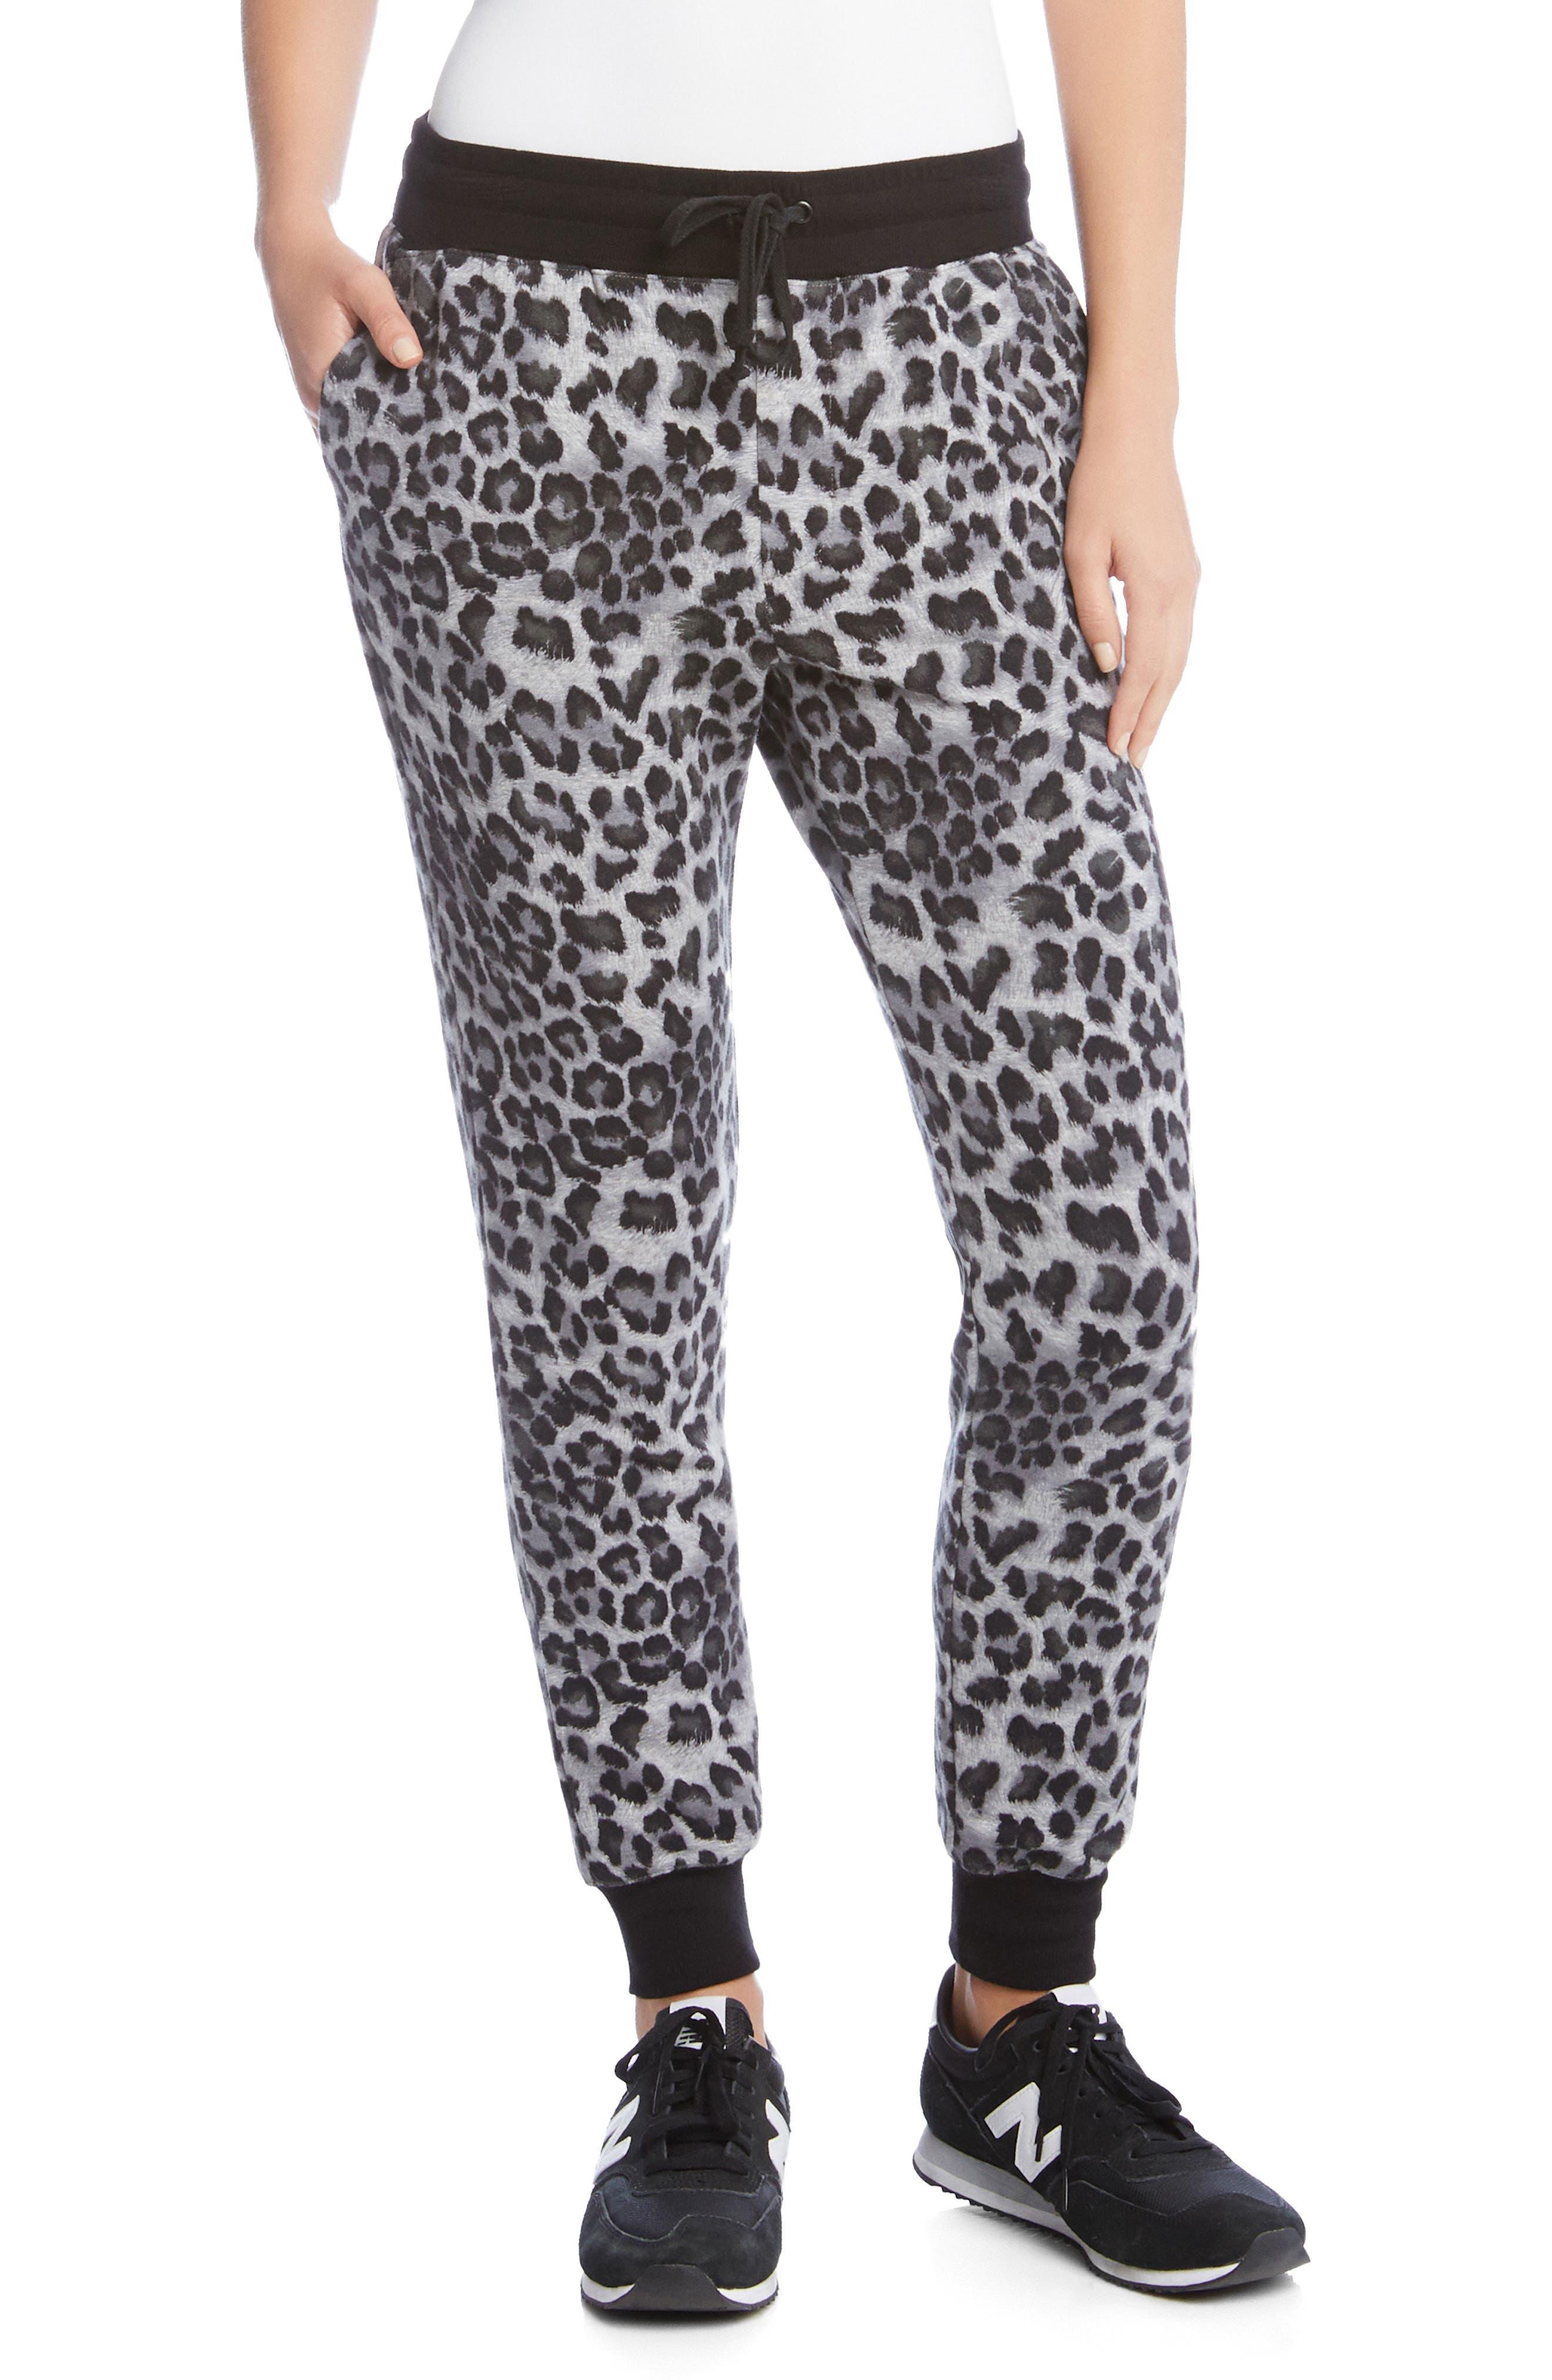 KAREN KANE Leopard Print Fleece Sweatpants